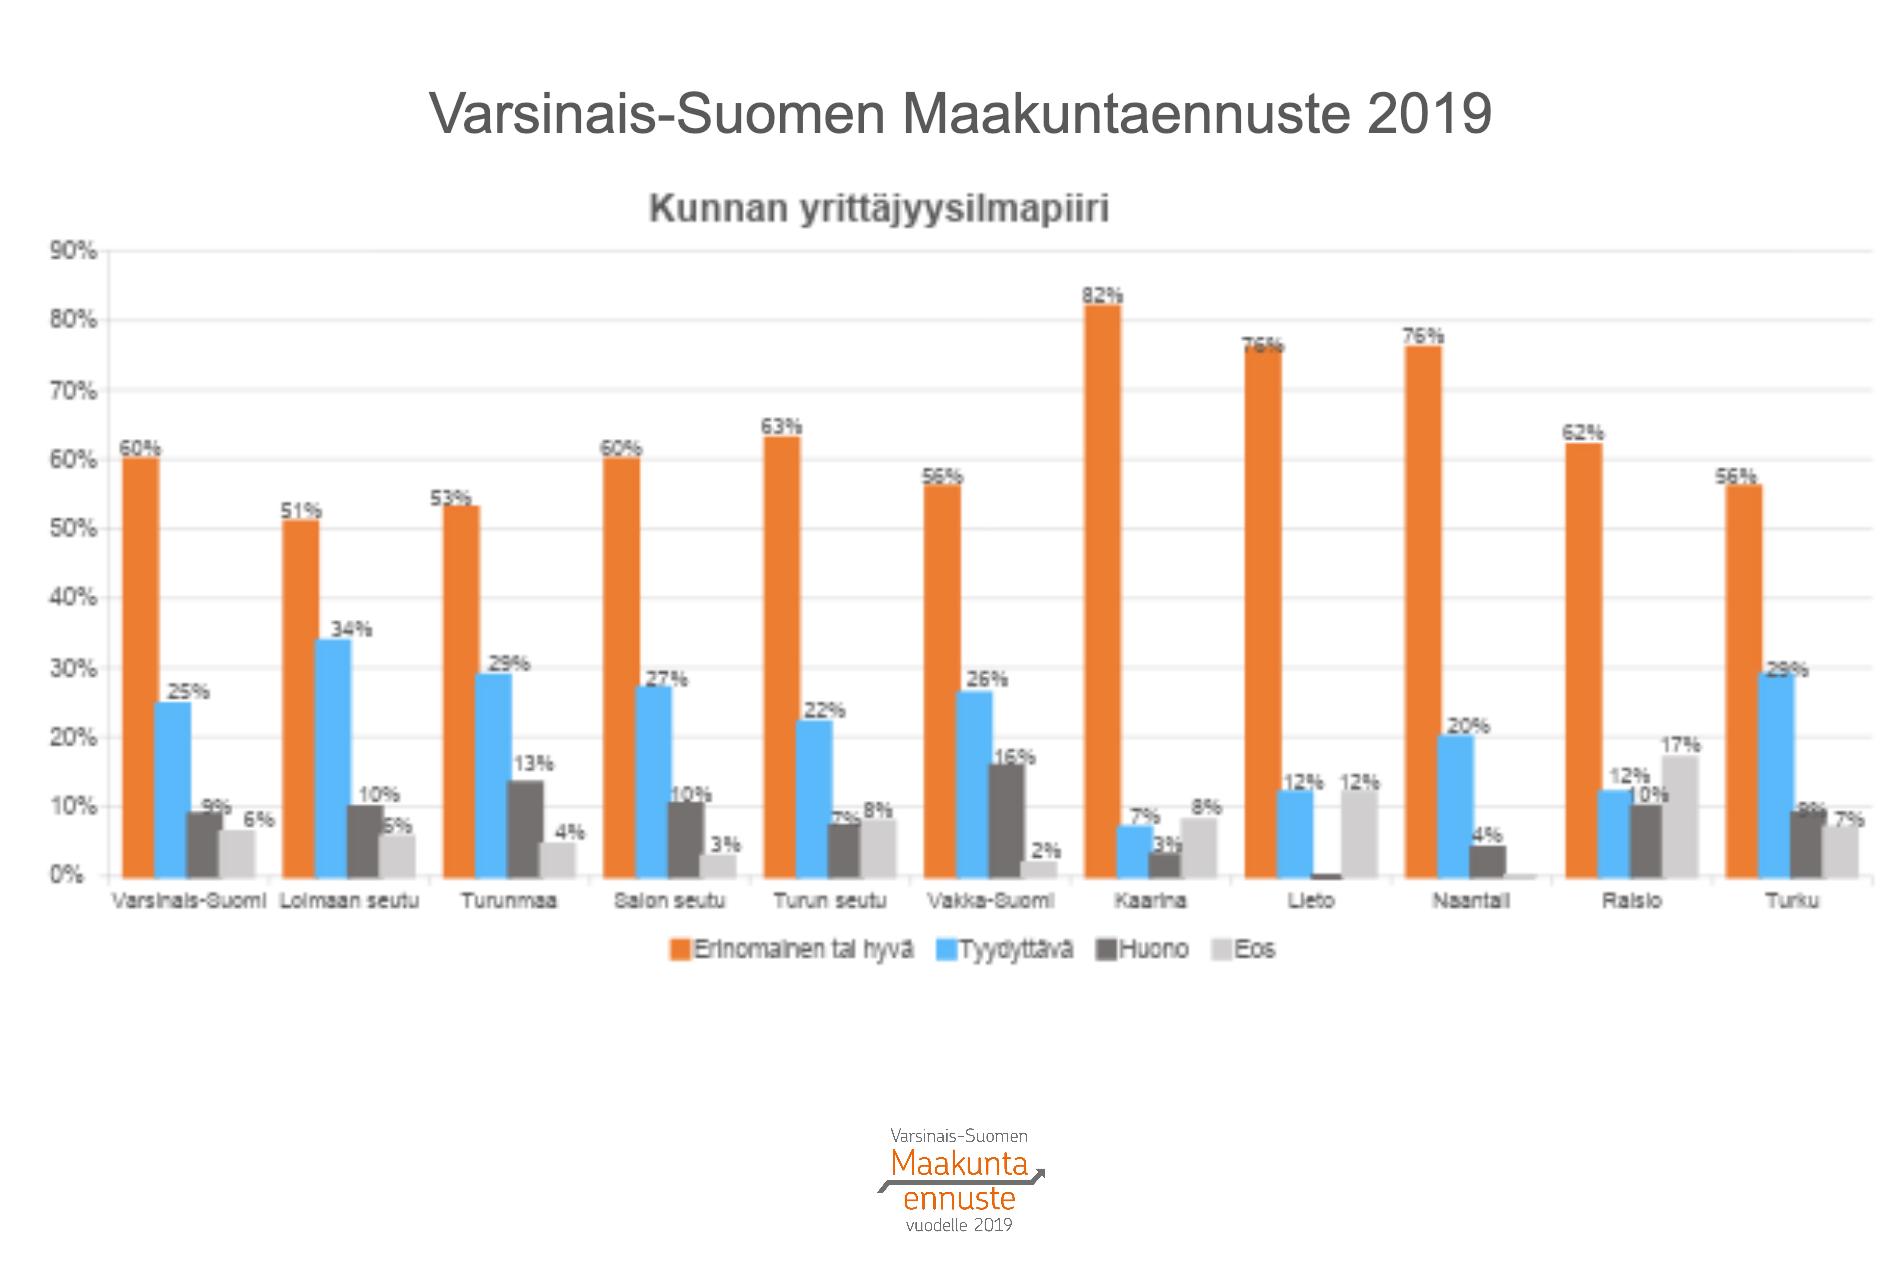 Varsinais-Suomen yrittäjyysilmapiiri